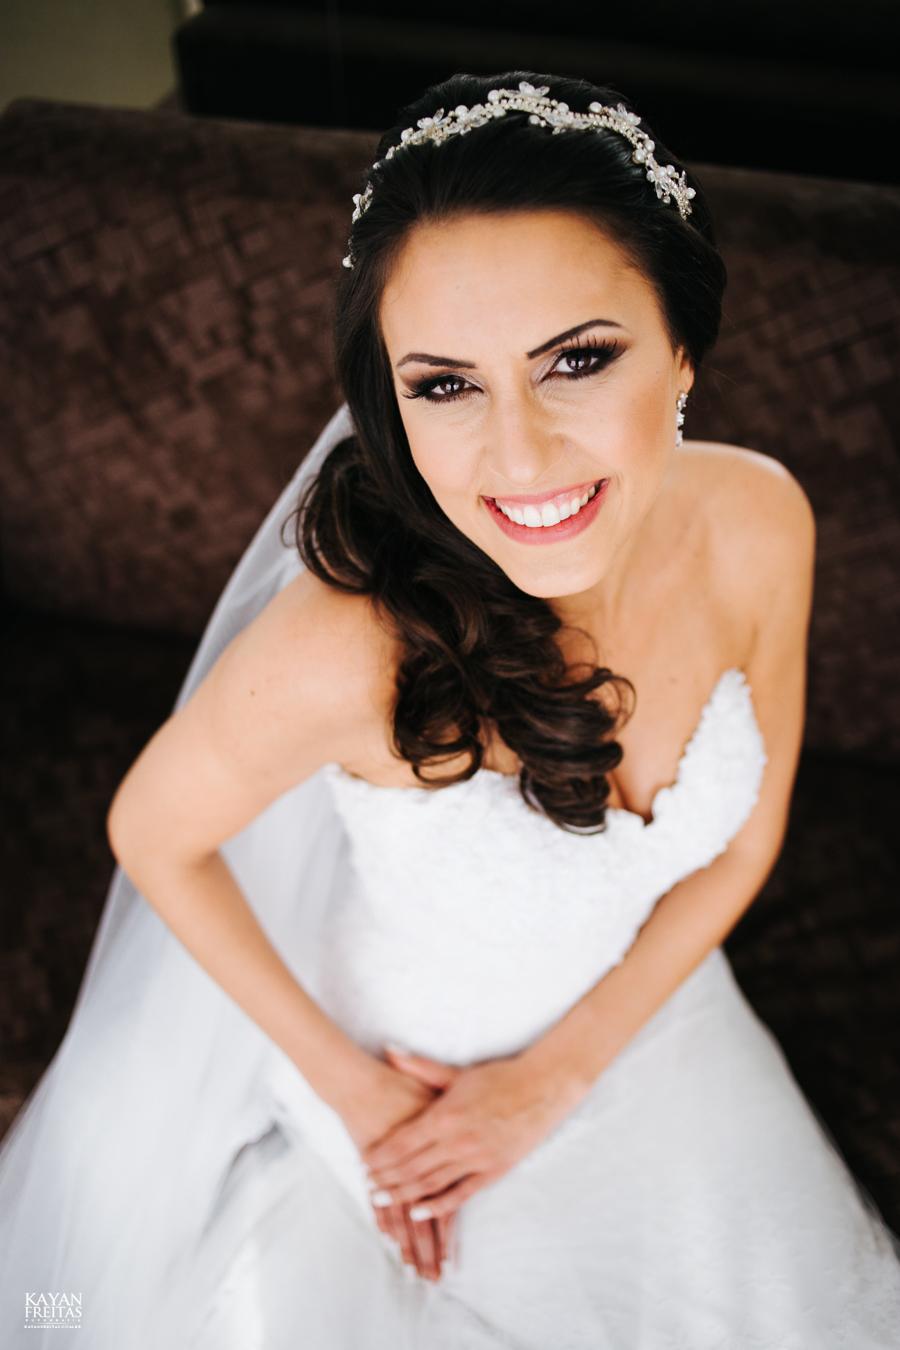 casamento-mari-fernando-0054 Mariana + Fernando - Casamento em Florianópolis - Pier 54